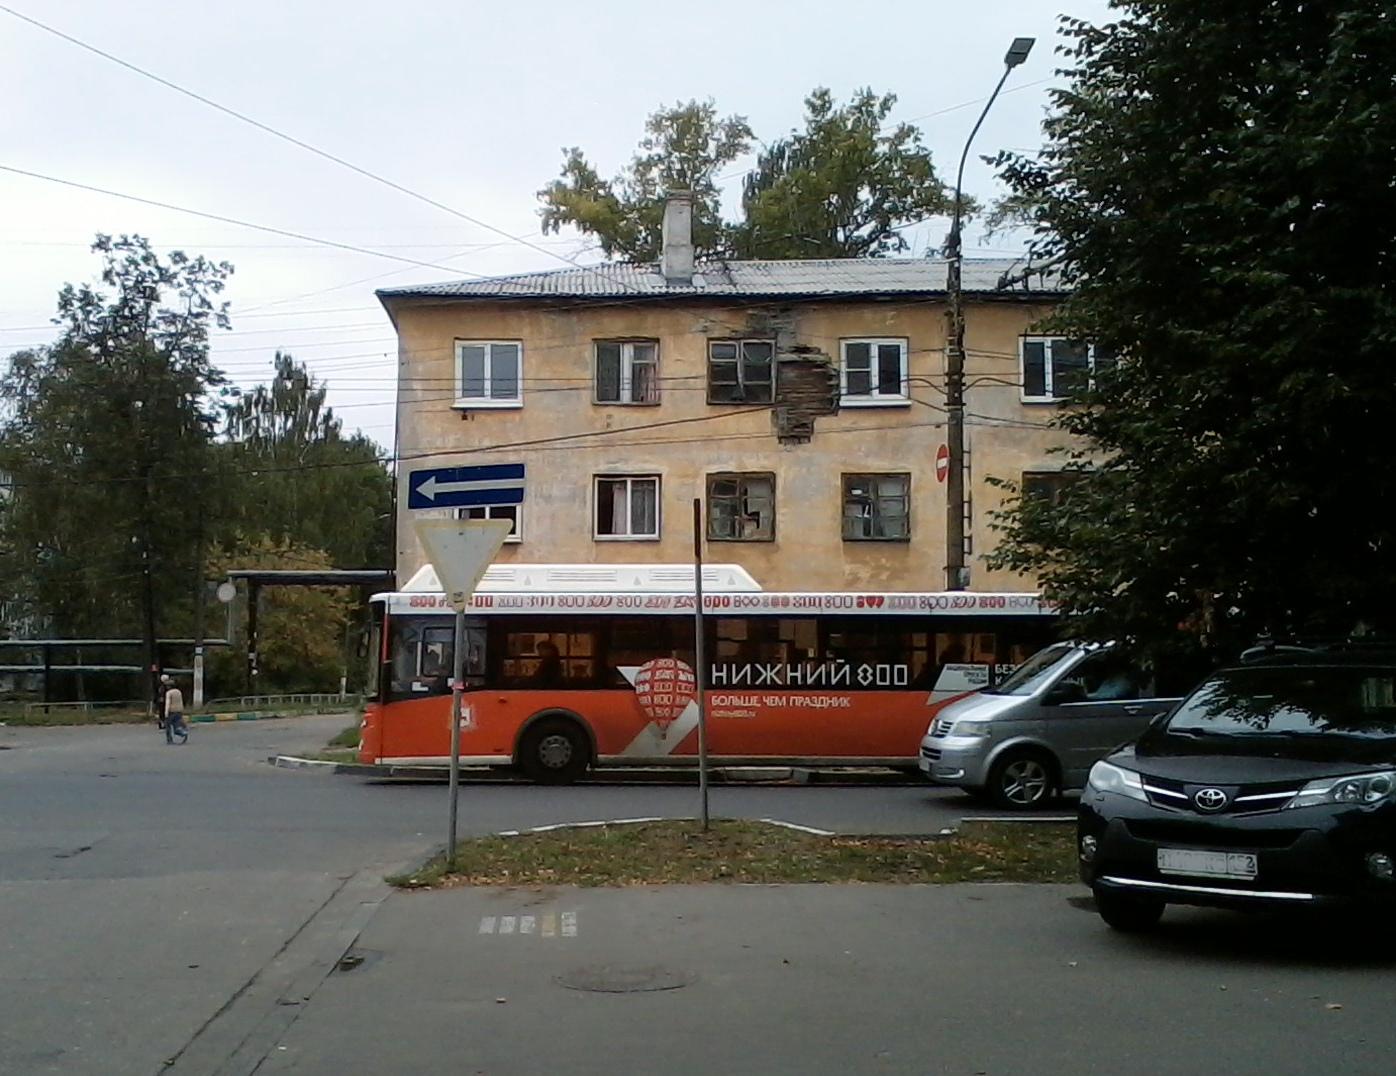 Нижний Новгород - Фото